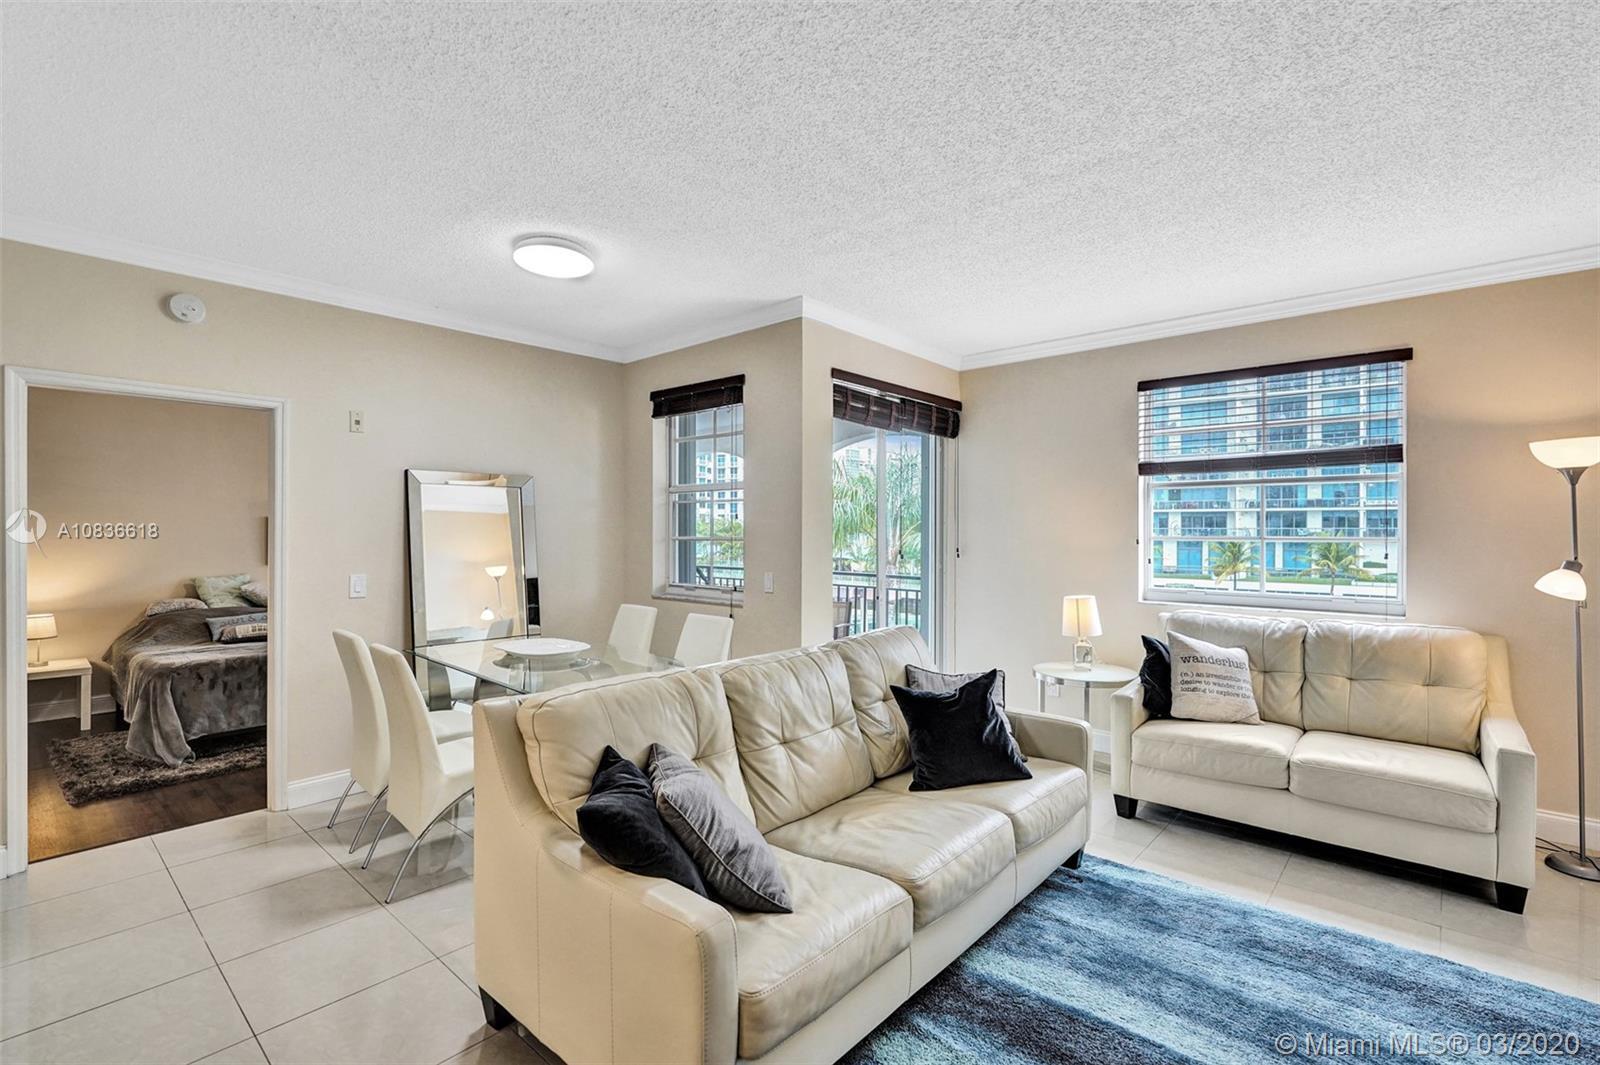 3245 NE 184th St #13306, Aventura, FL 33160 - Aventura, FL real estate listing